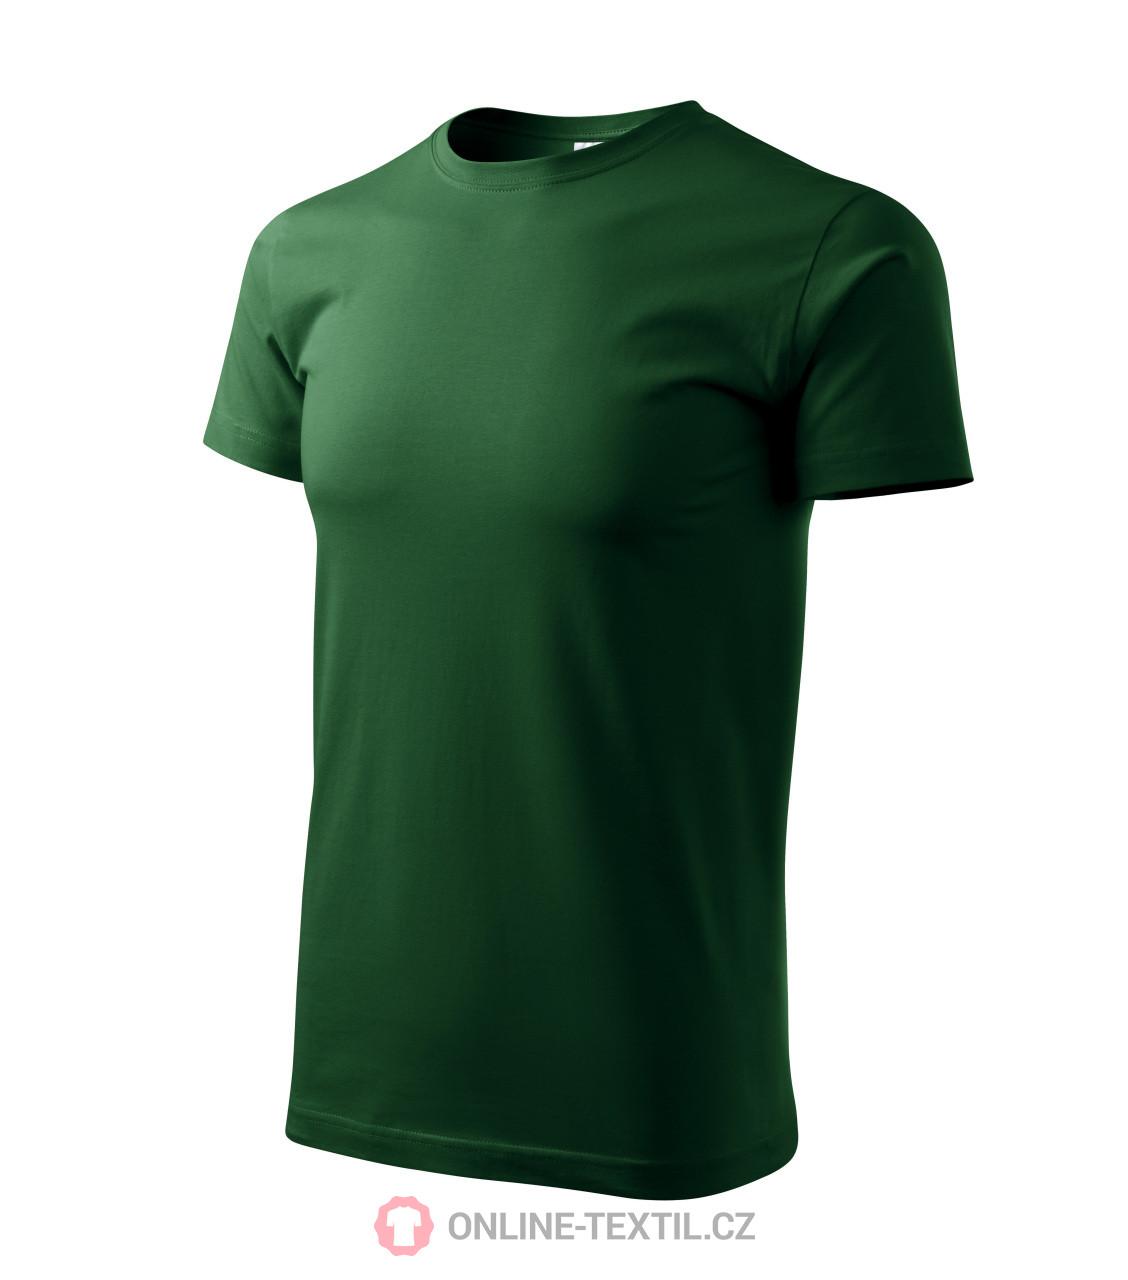 ADLER CZECH Tričko pánské Basic 129 - lahvově zelená z kolekce ... 1f386aa1a2